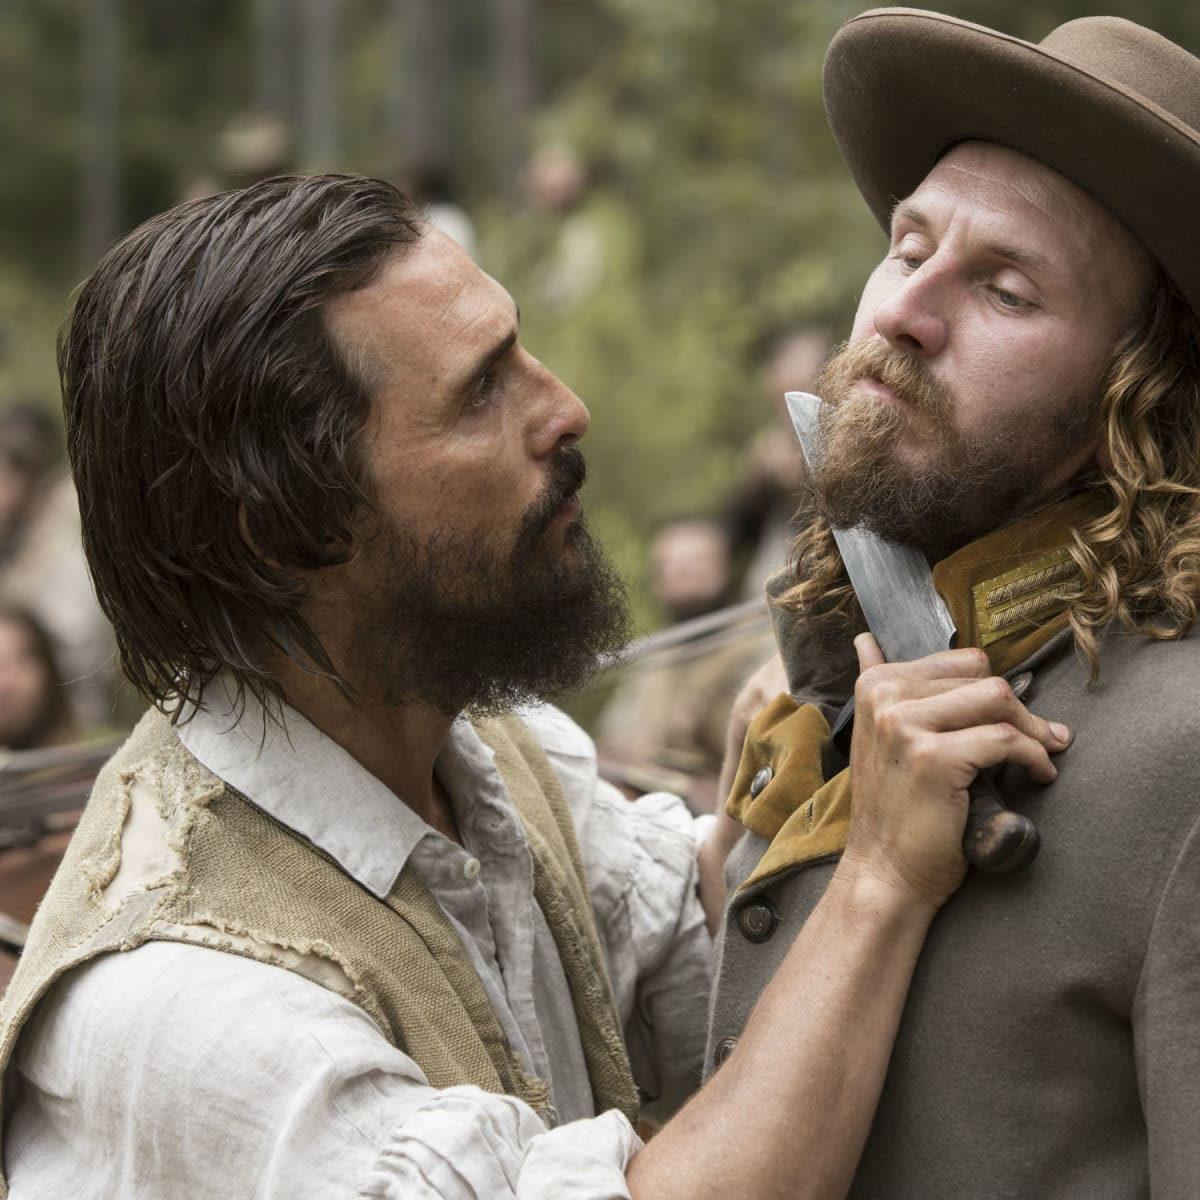 Matthew McConaughey and Bill Tangradi in Free State of Jones